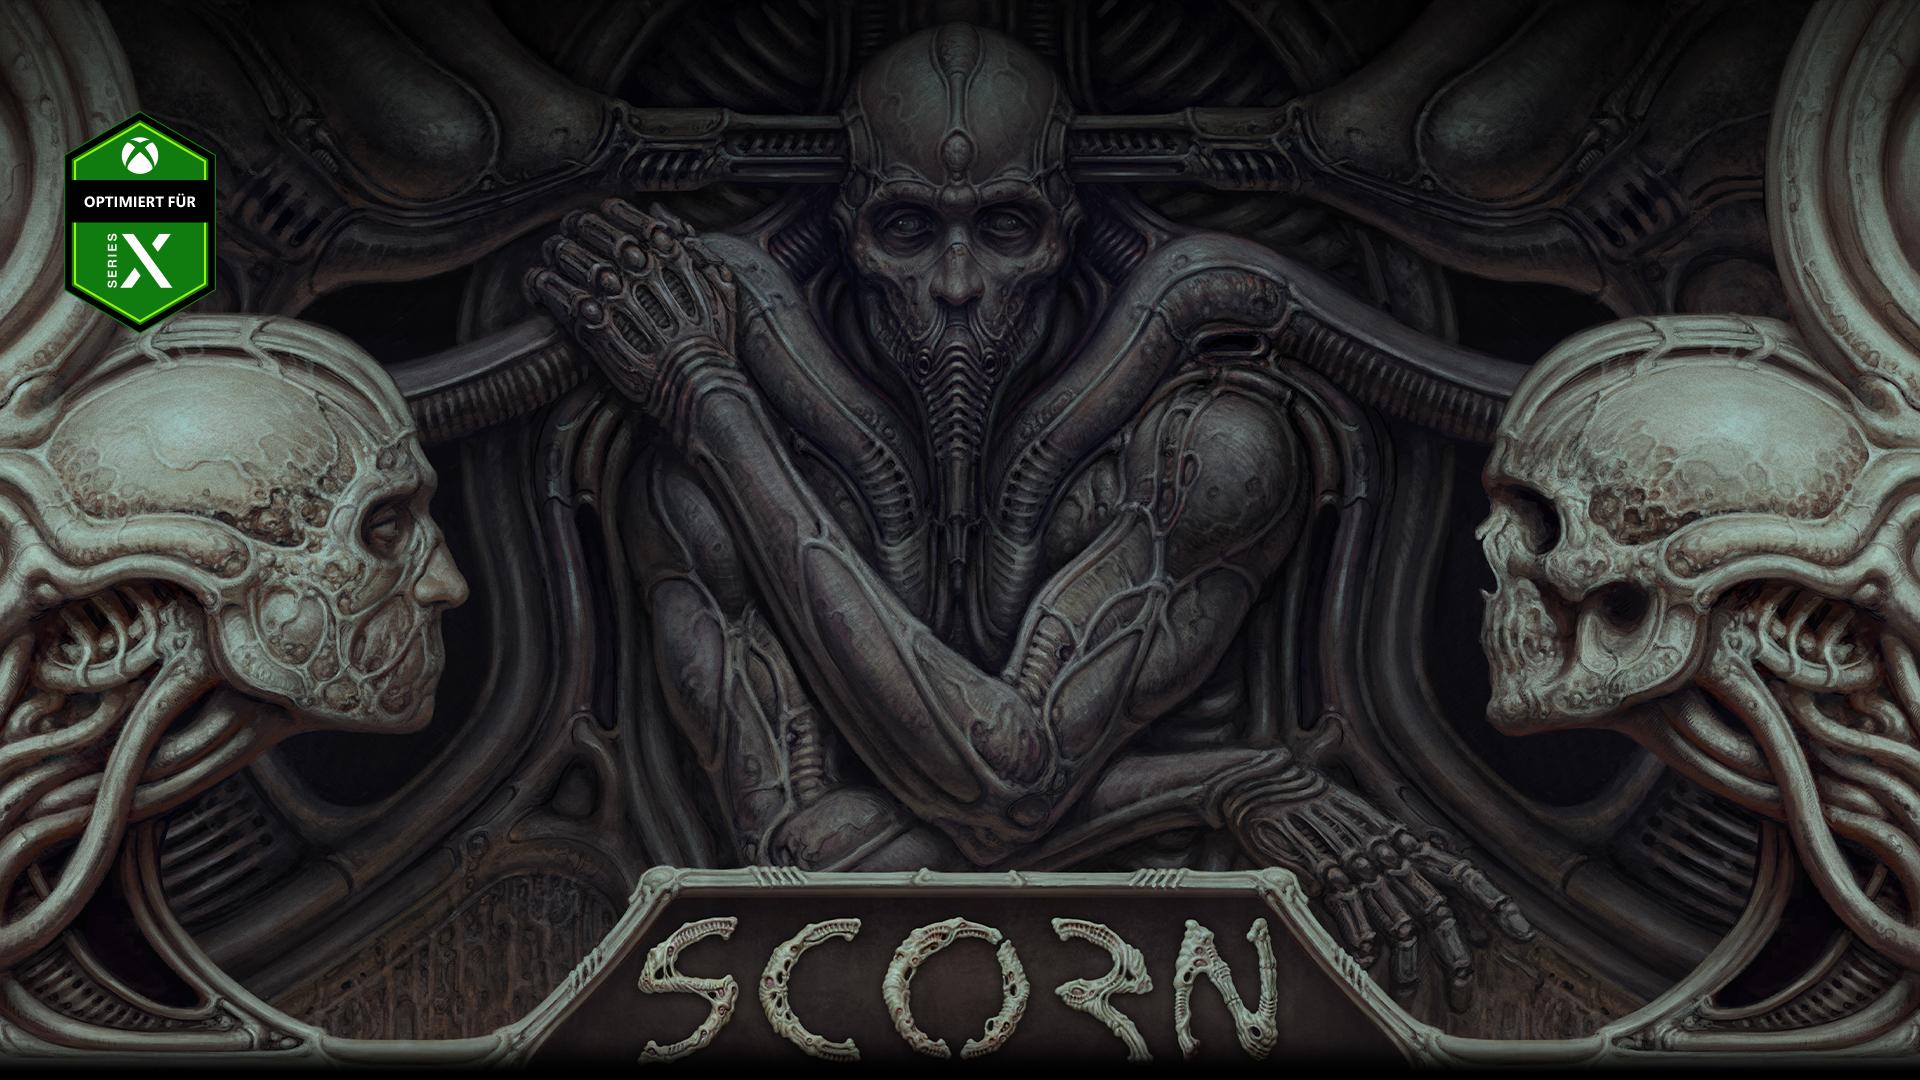 Figur aus Scorn eingebettet in eine Wand mit zwei Schädeln.